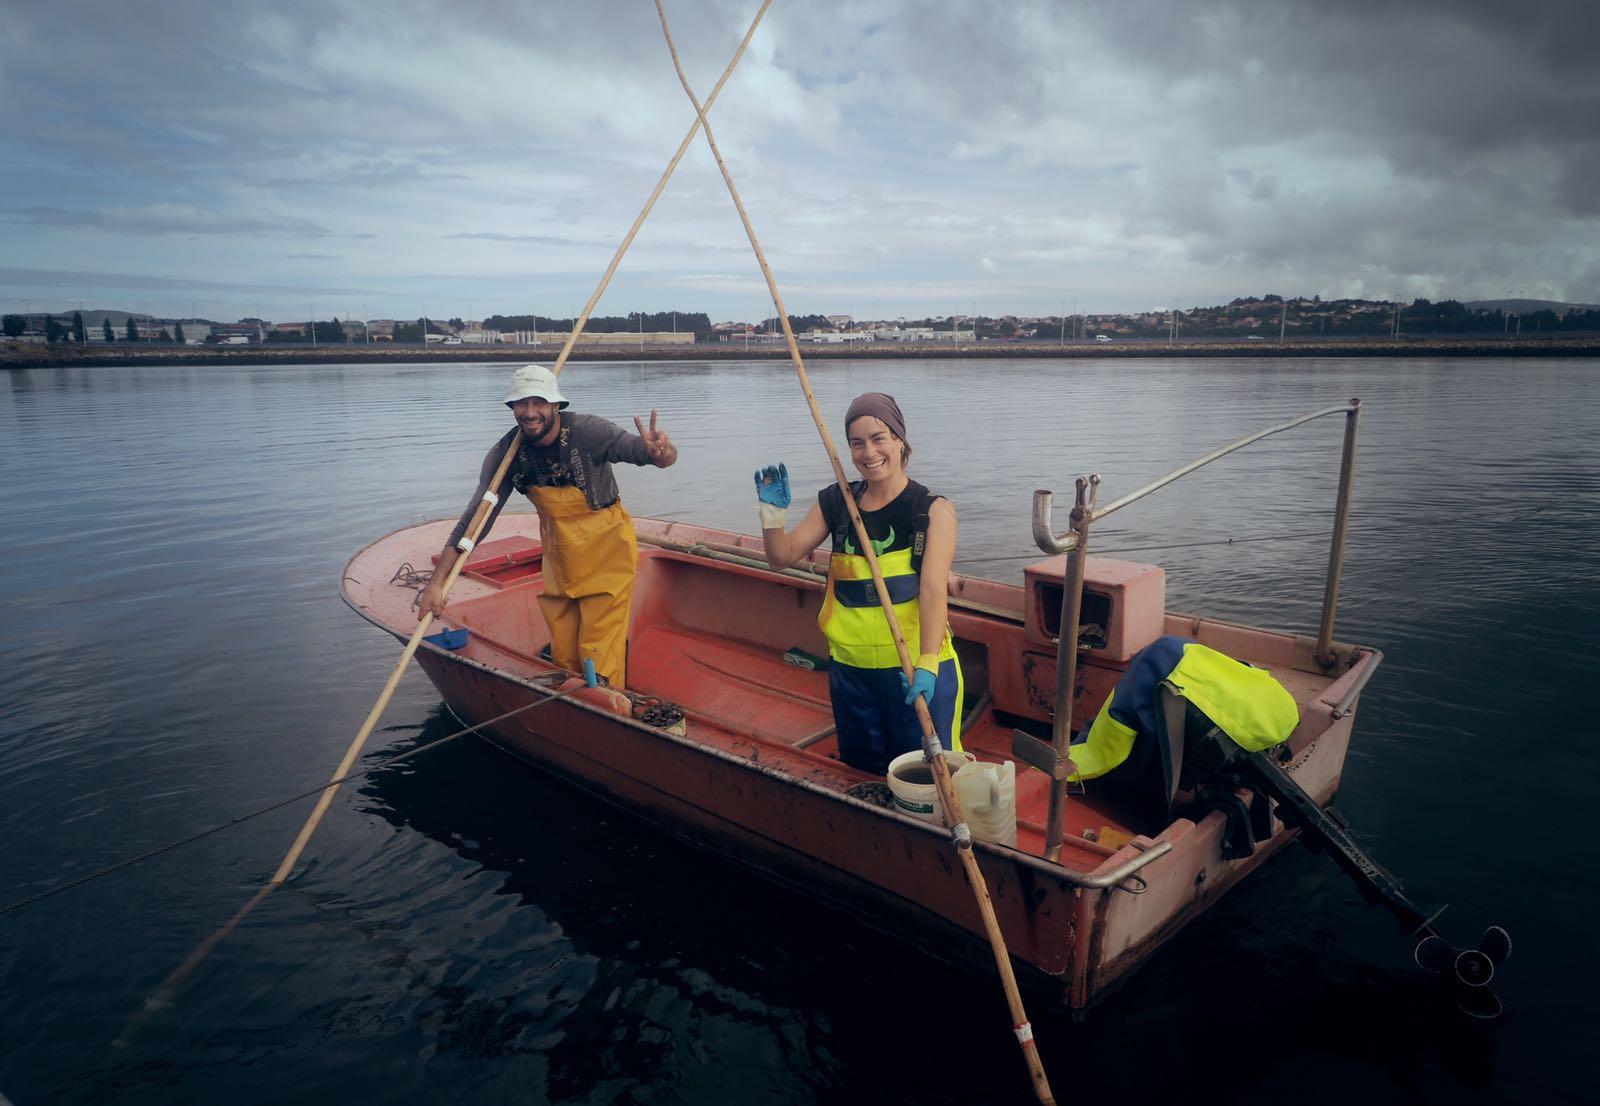 traballadores do mar